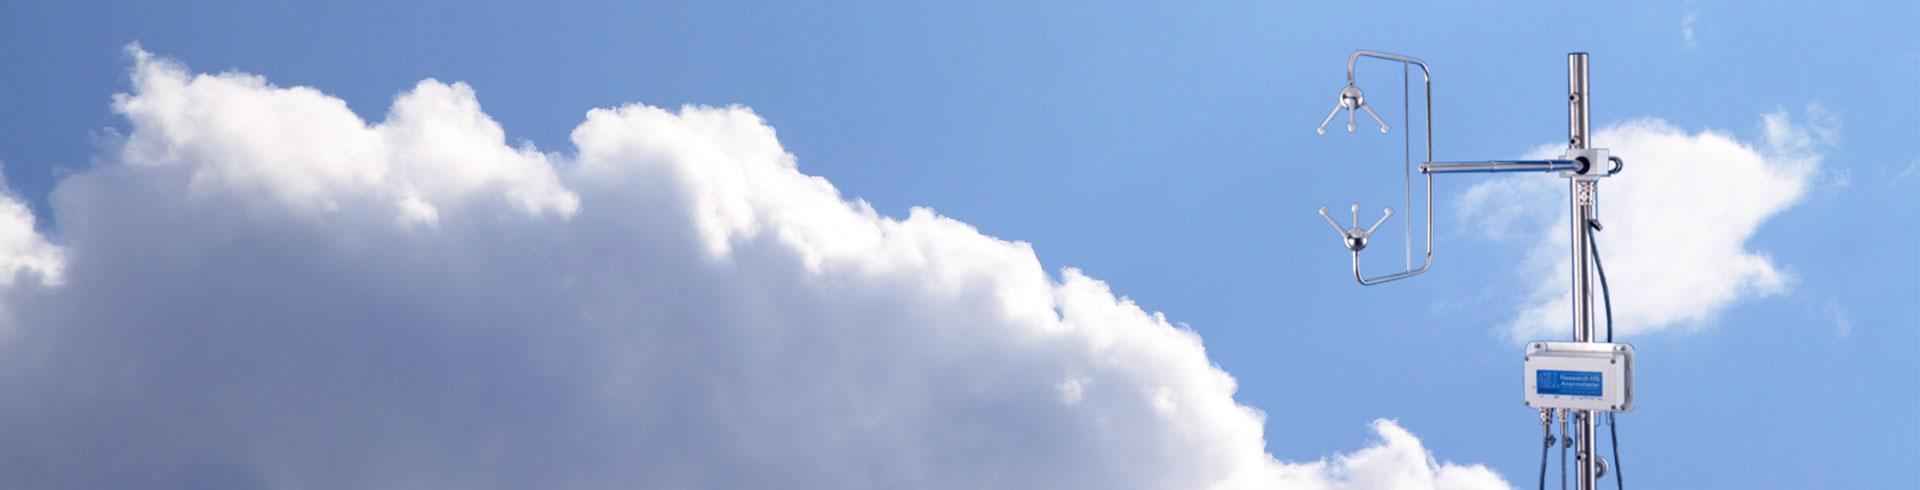 Apparati e sistemi per il rilievo dei parametri meteorologici